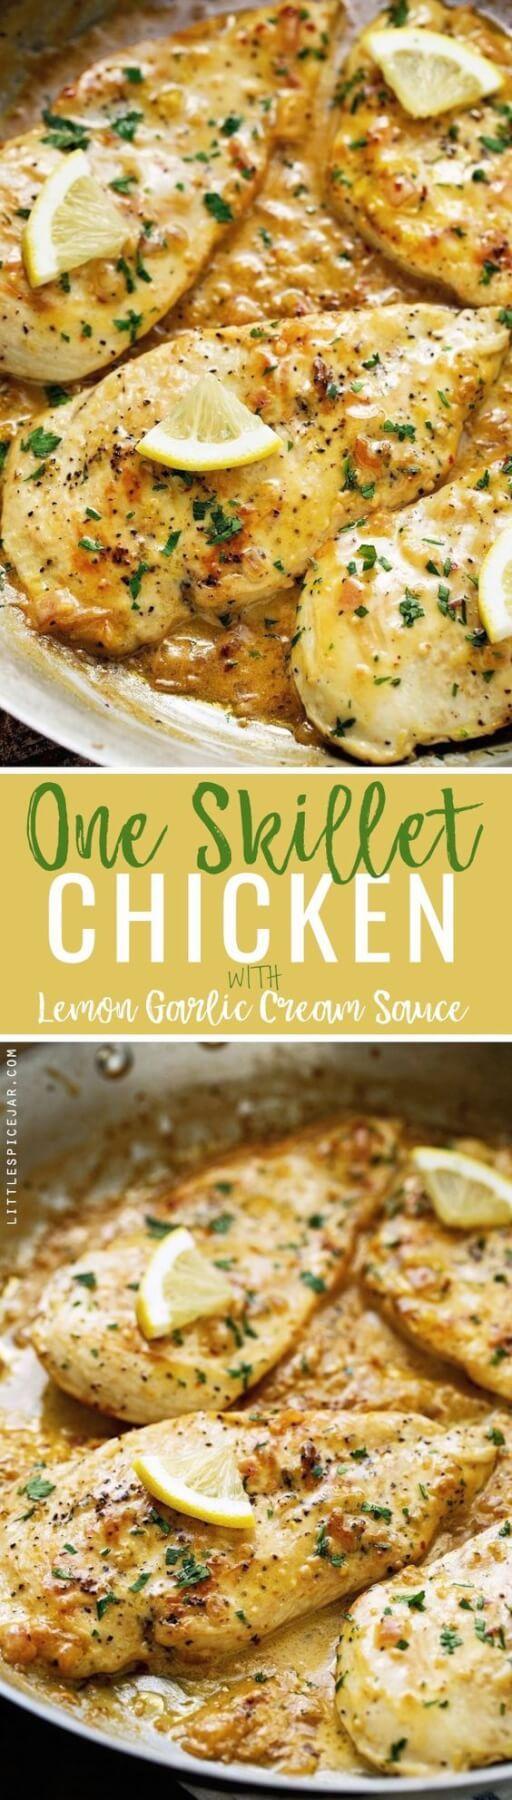 One Skillet Chicken Recipe with Lemon Garlic Cream Sauce